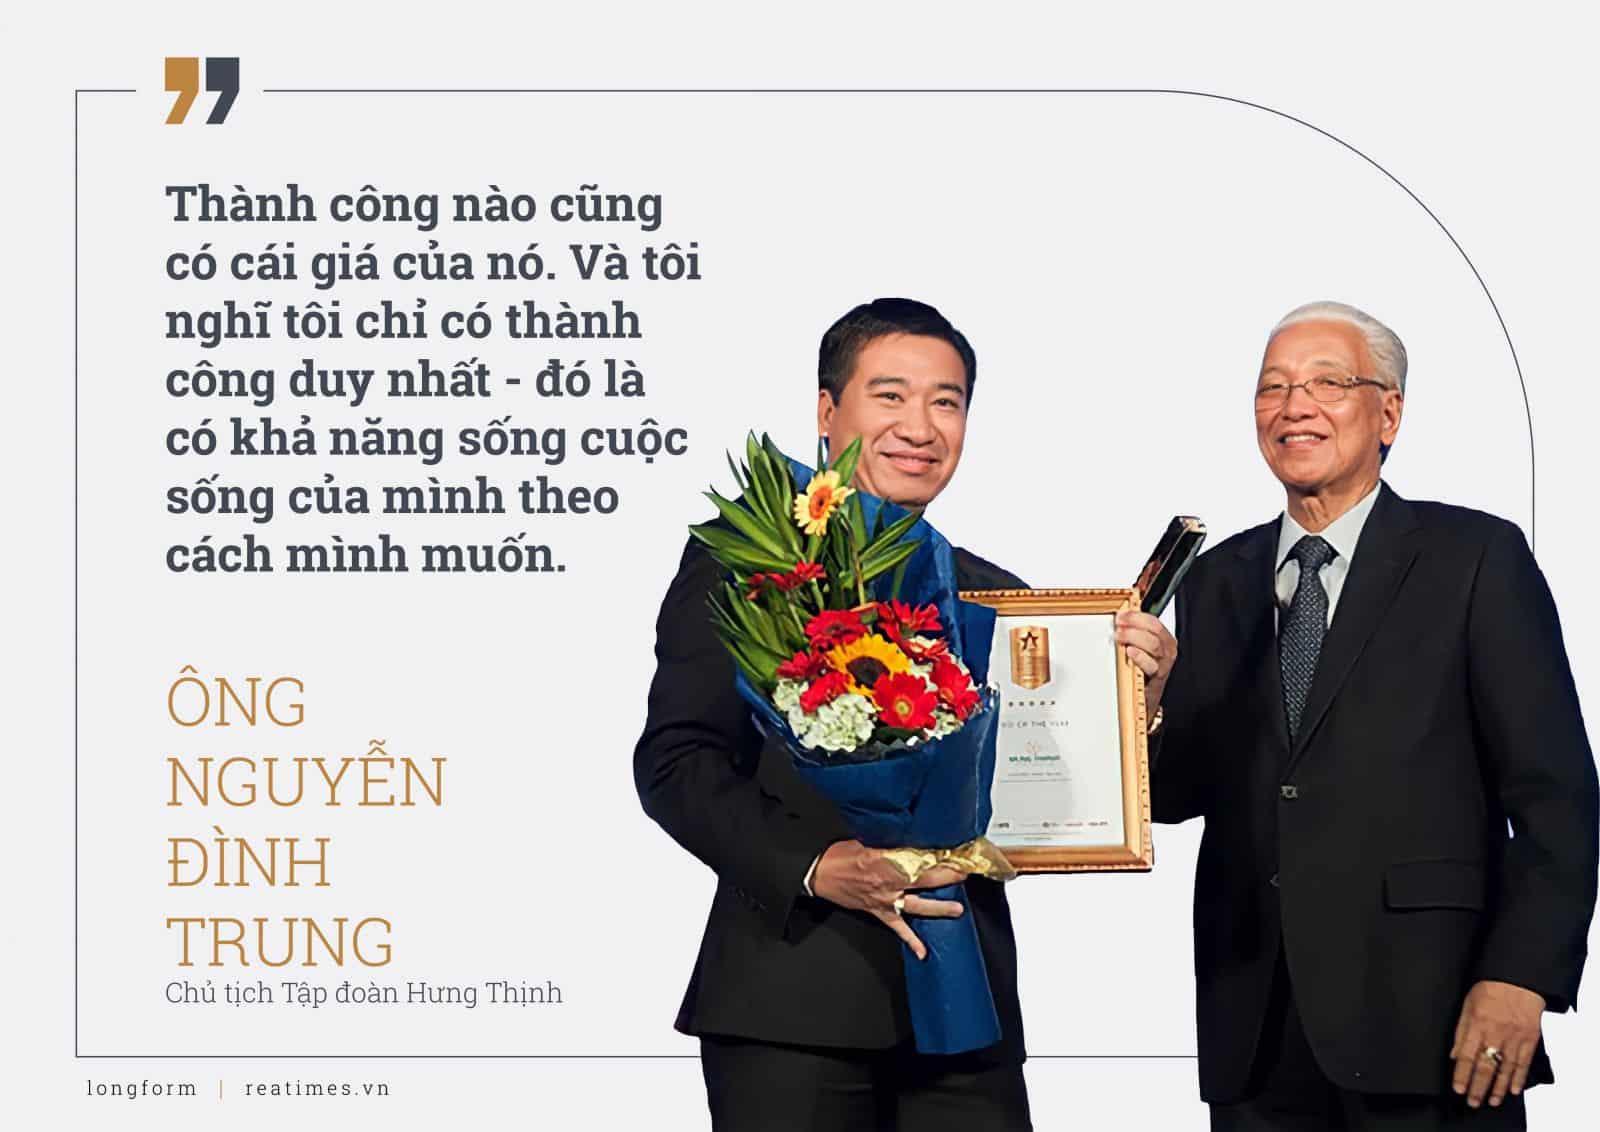 Chủ tịch tập đoàn Hưng Thịnh ông Nguyễn Đình Trung